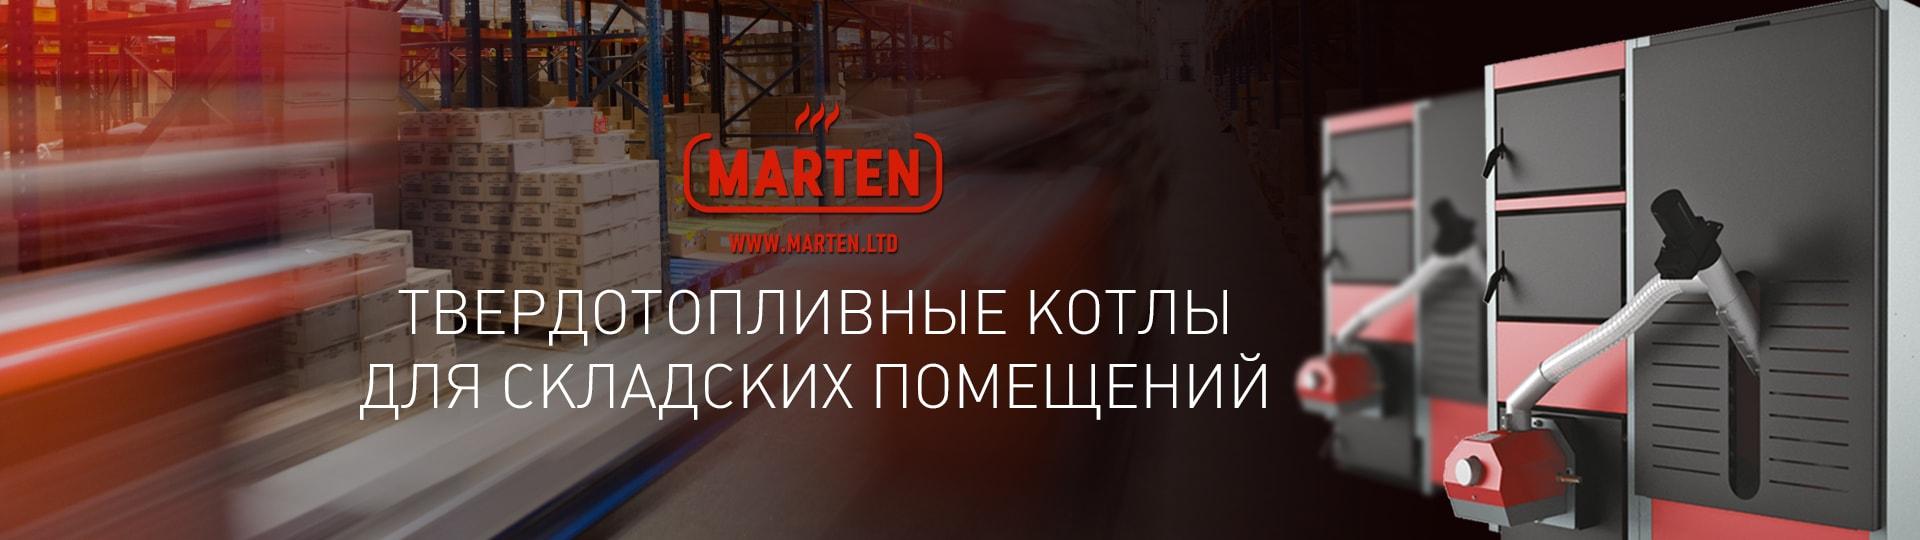 Твердотопливные котлы Marten для склада